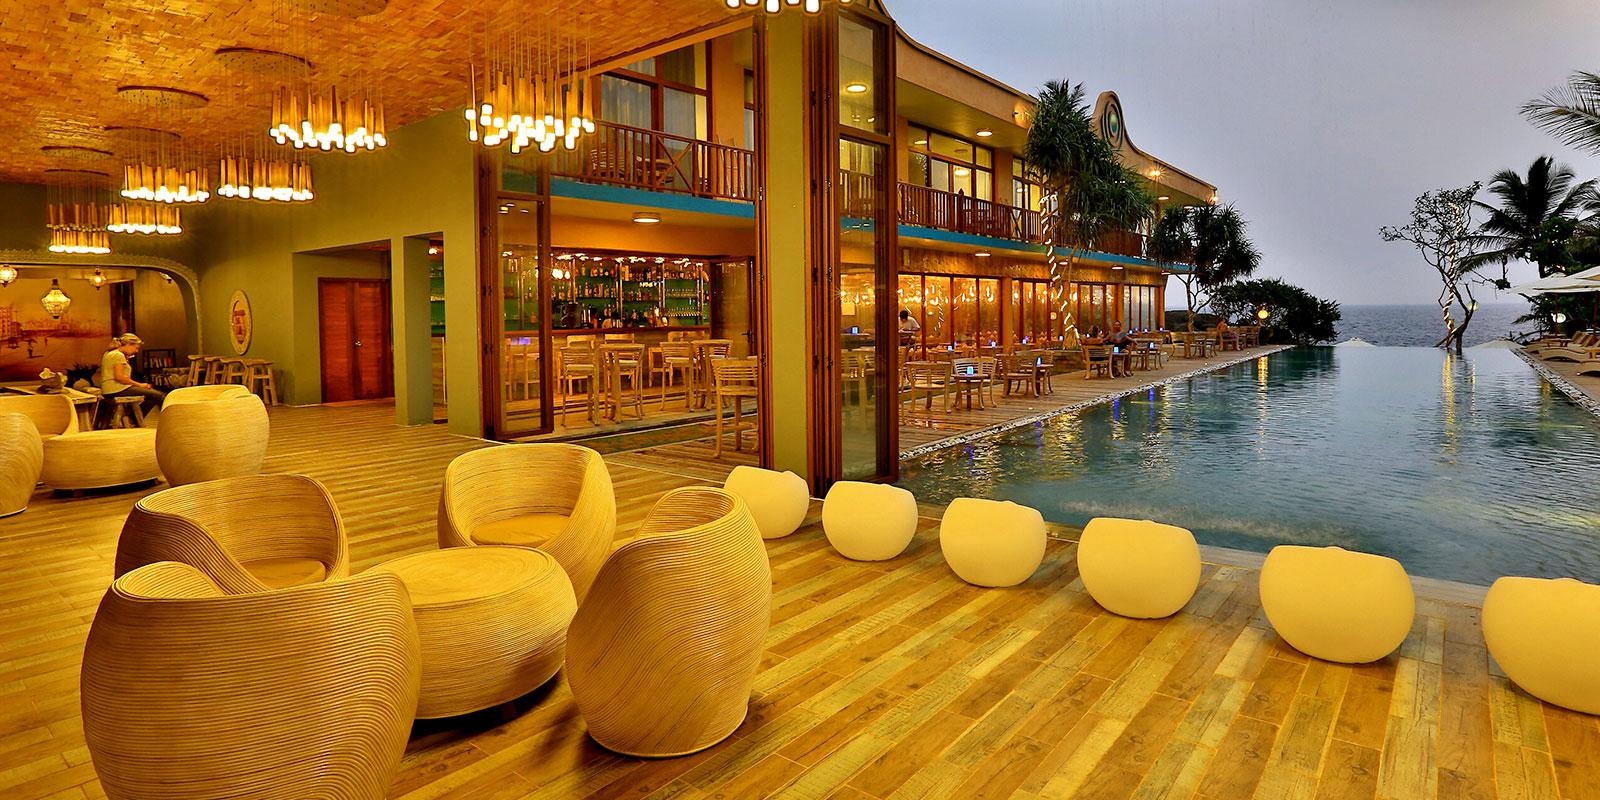 Hotels in Unawatuna, Beach Hotels Unawatuna Galle